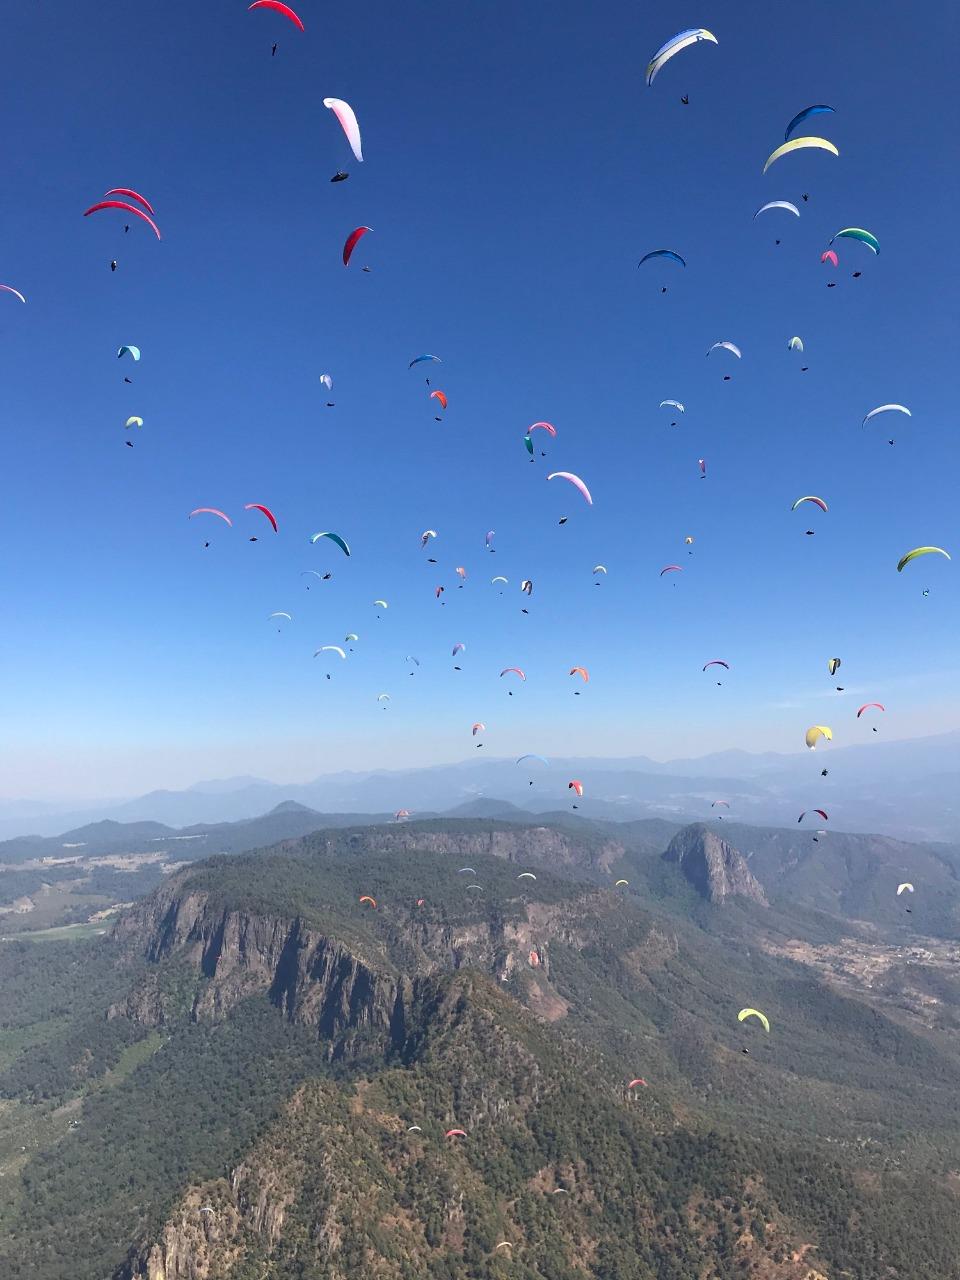 Vive monarca paragliding su edición 16 en territorio mexiquense